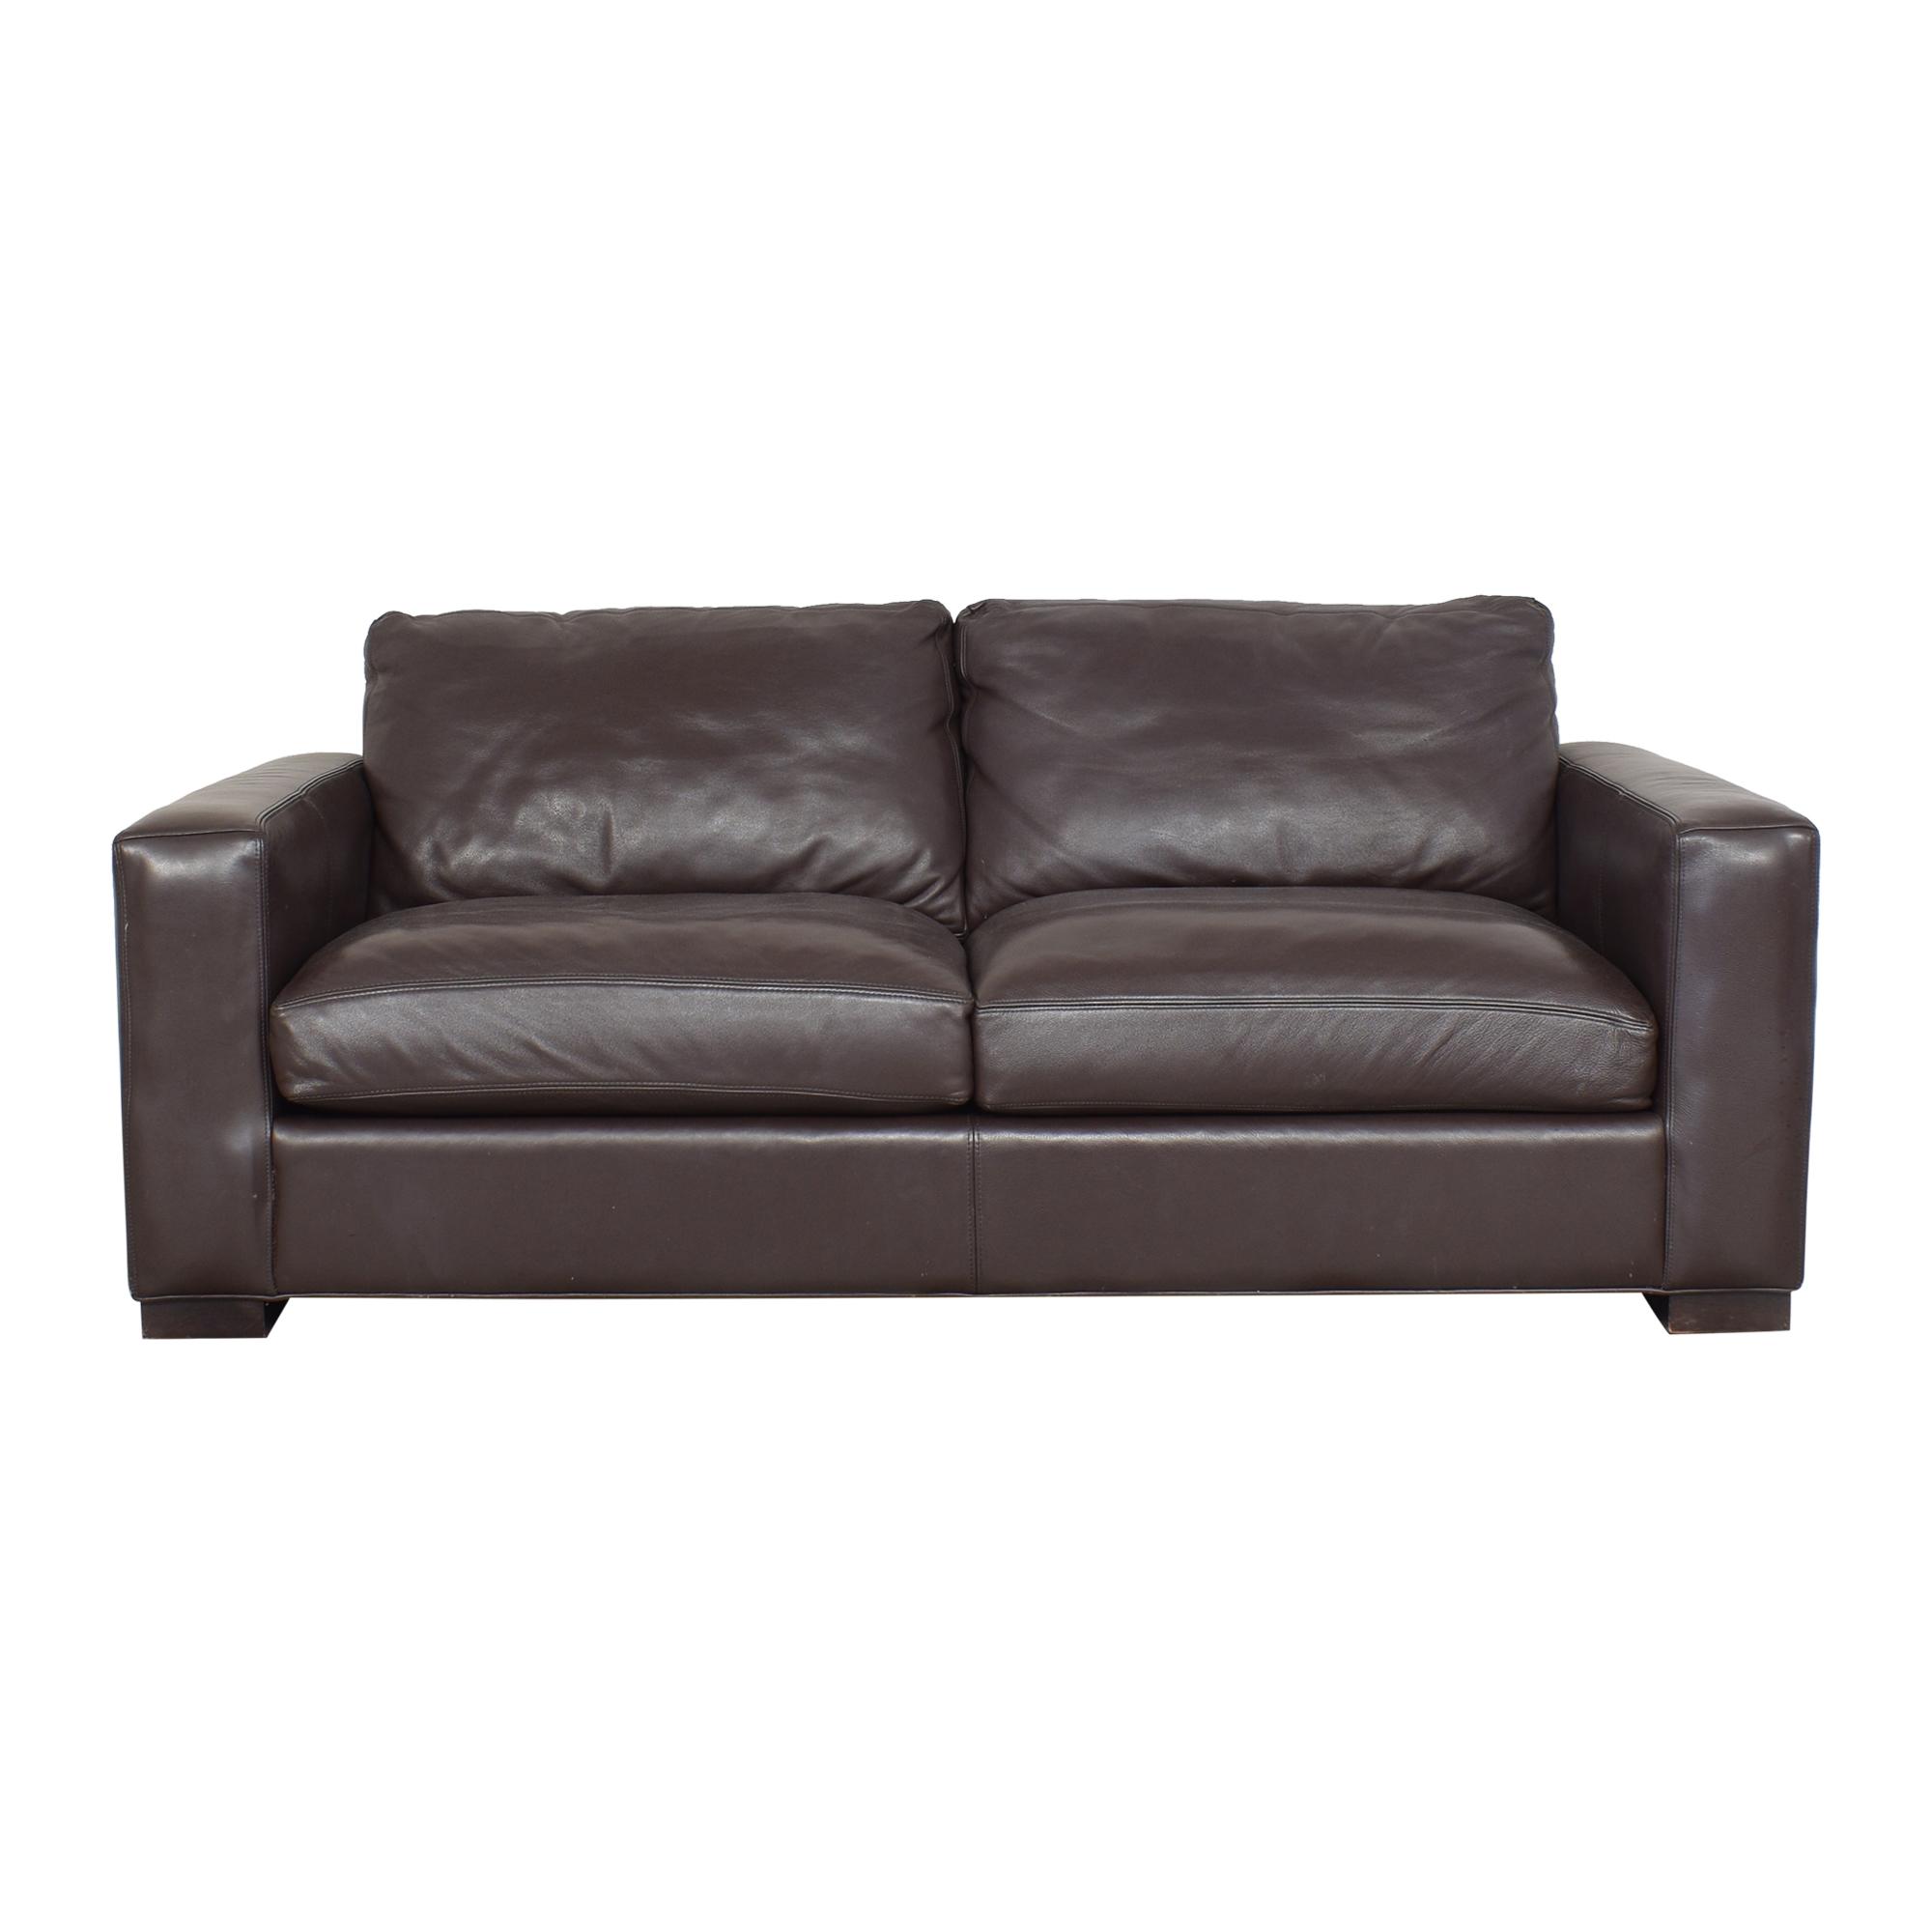 buy Room & Board Metro Two Cushion Sofa Room & Board